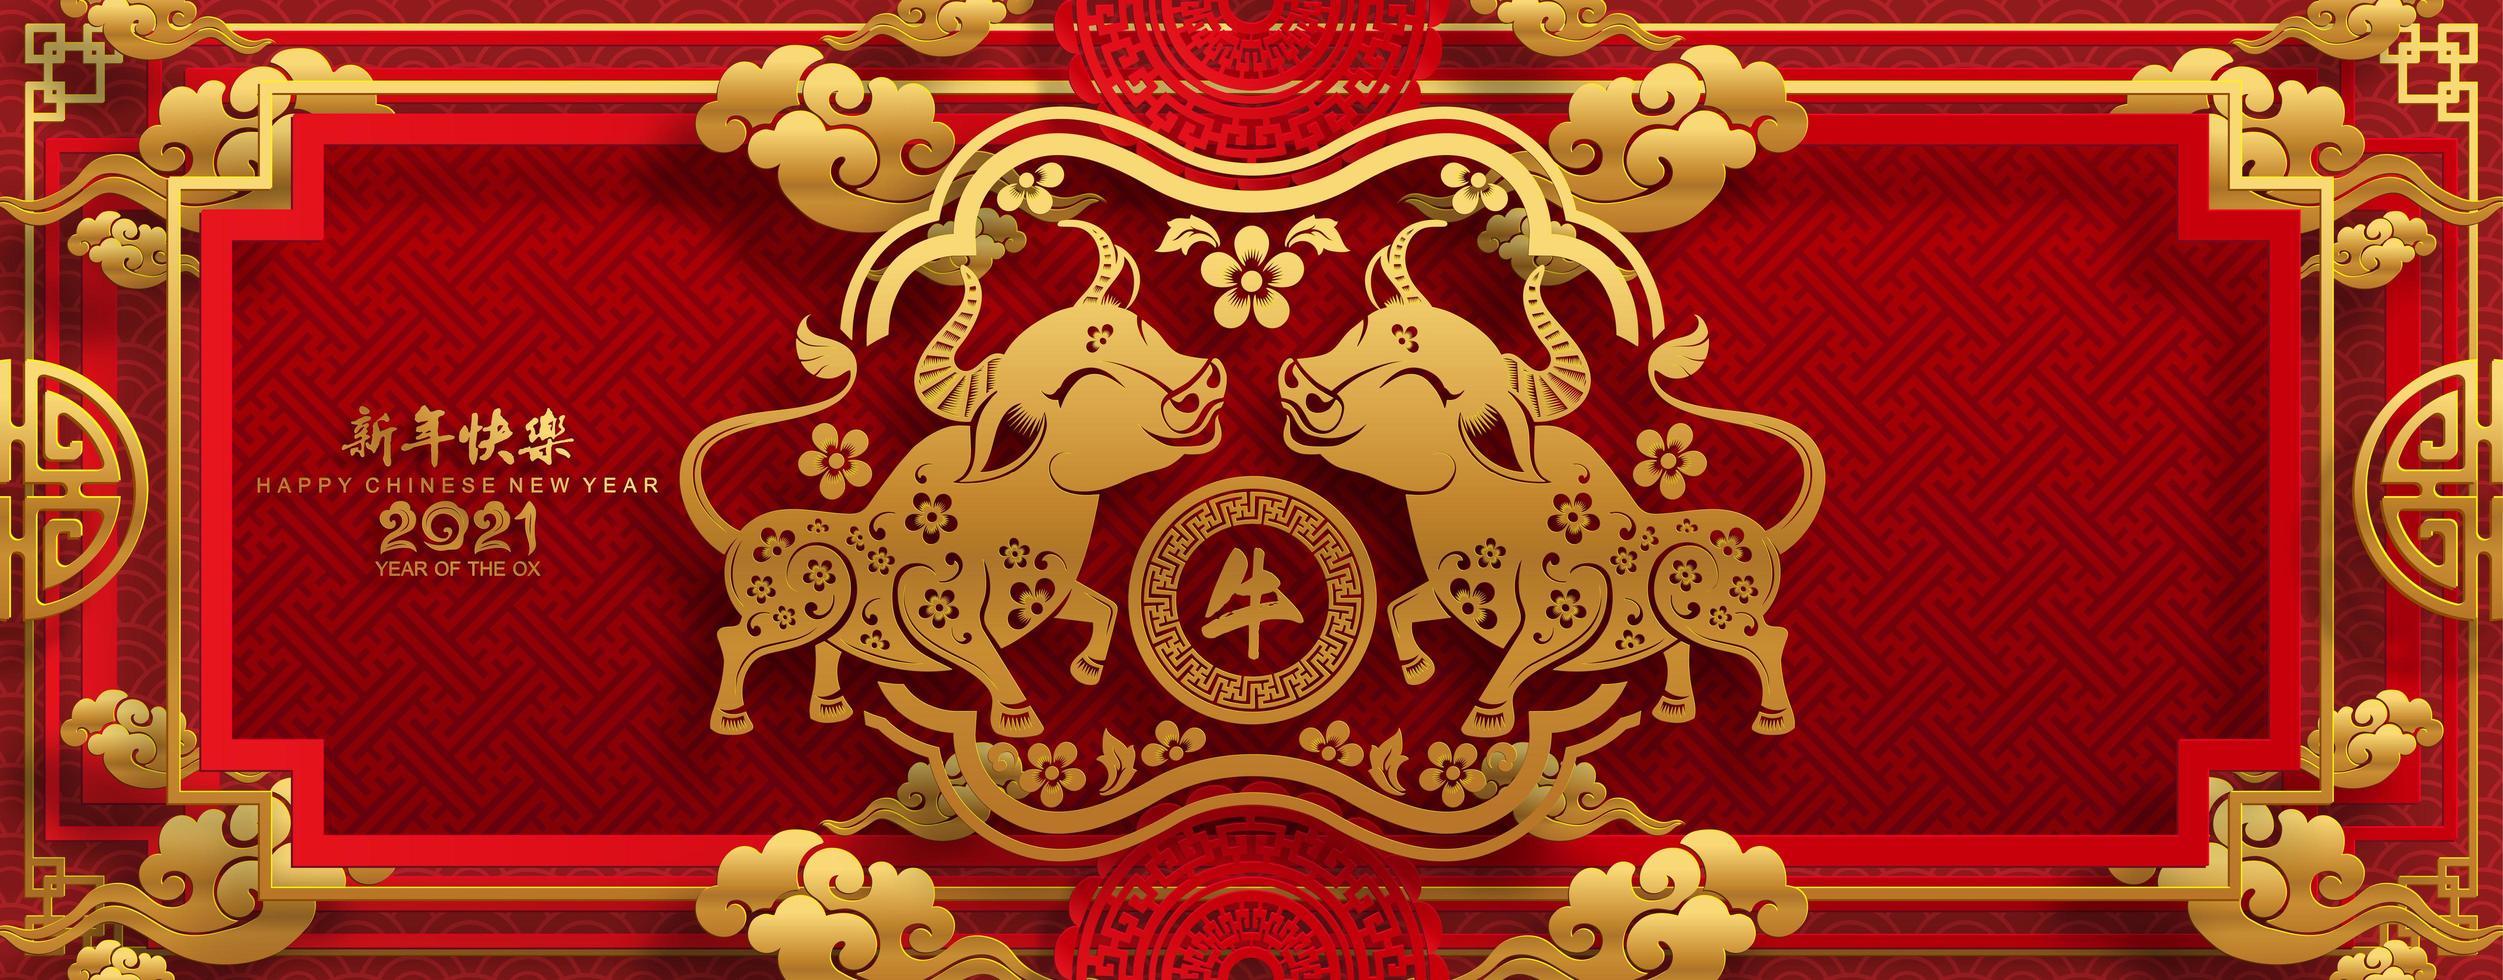 chinesisches Neujahrsbanner 2021 mit goldenen Ochsen vektor